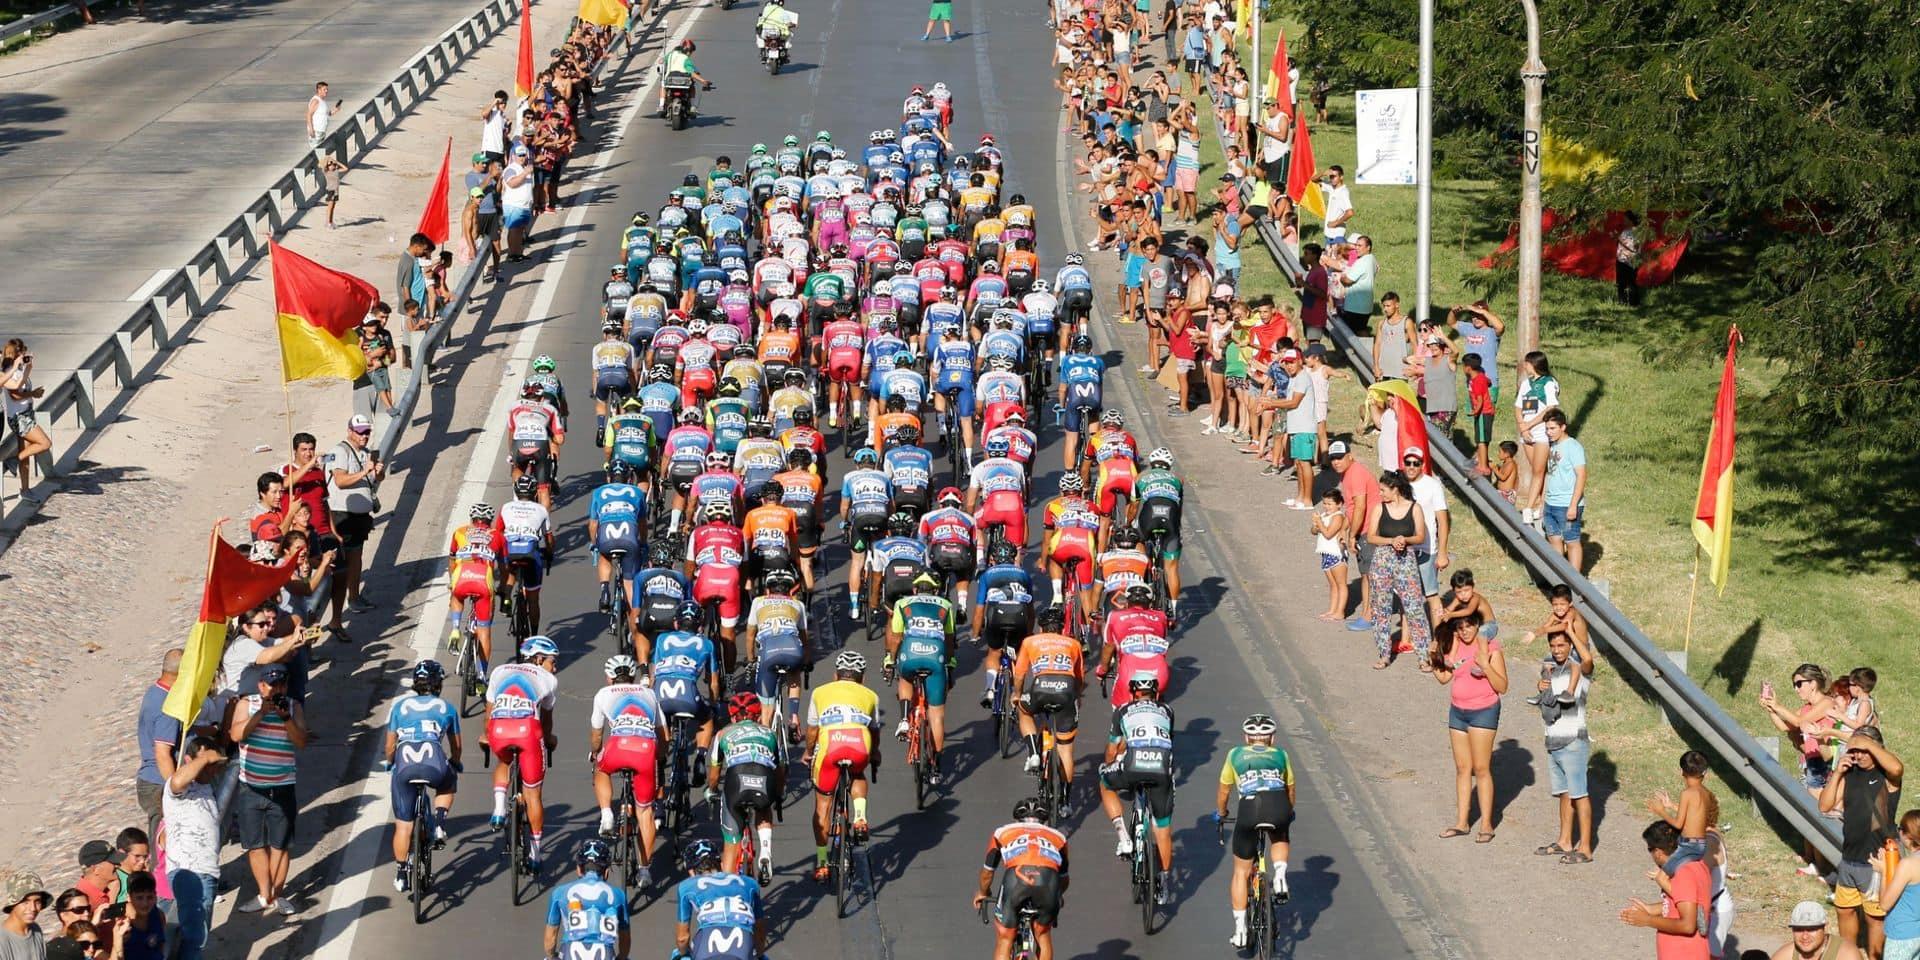 La première course de l'année en Europe est annulée: le début de la saison cycliste encore retardé